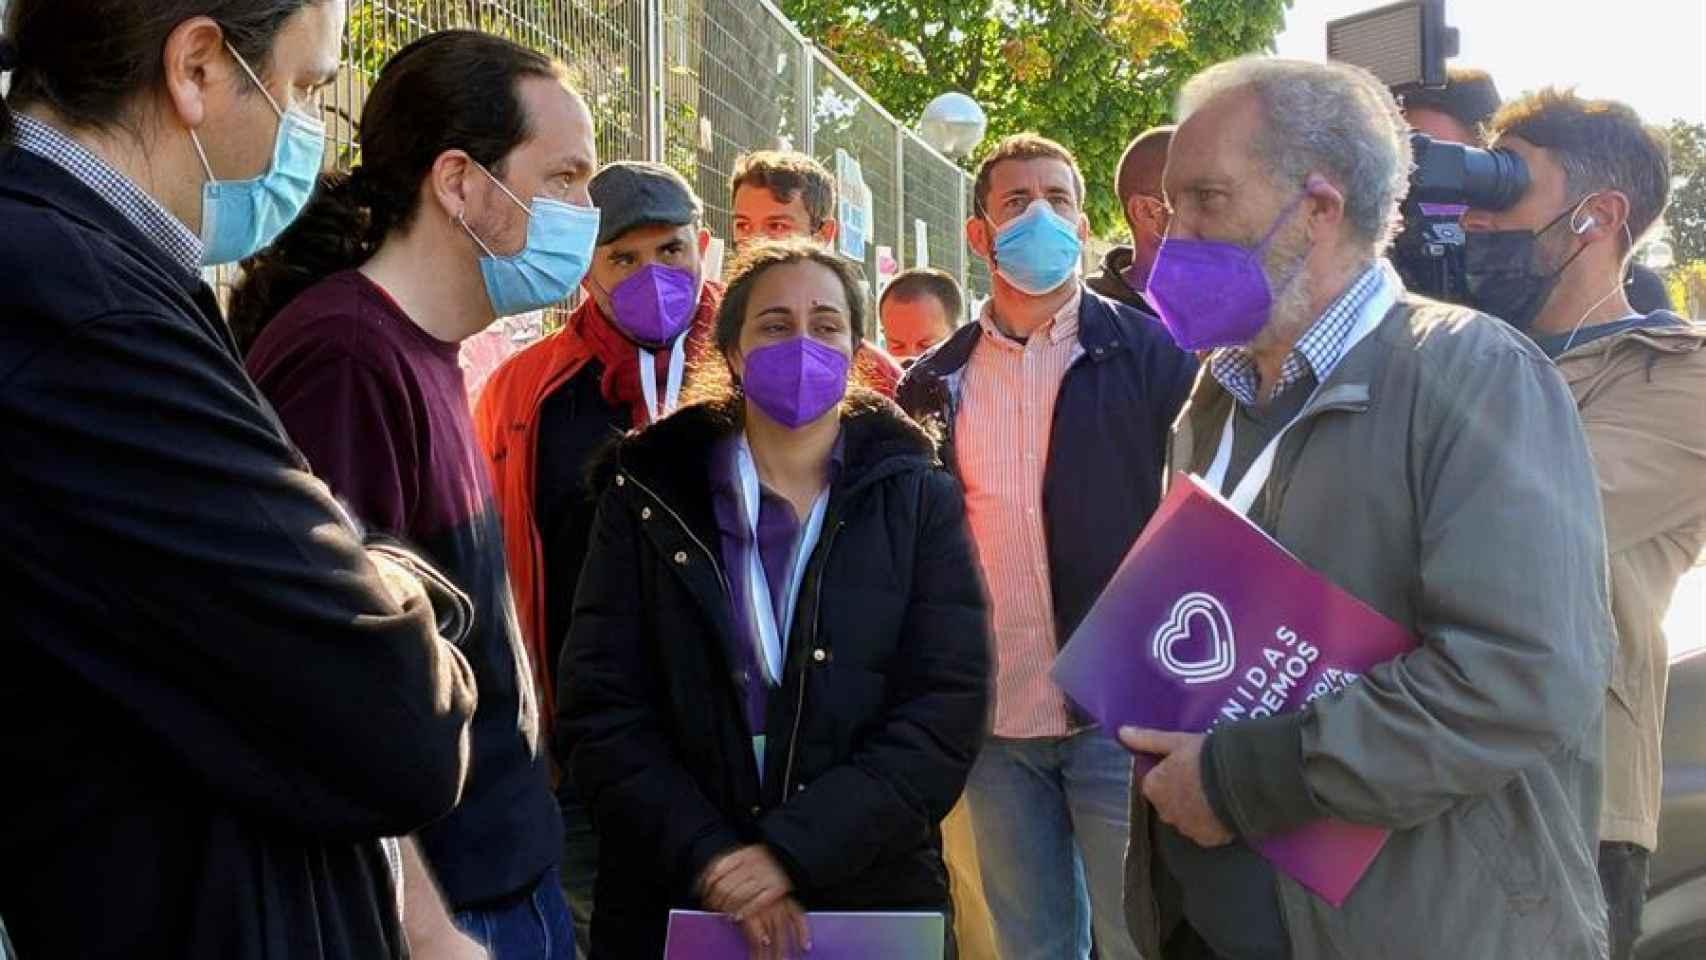 El candidato de Unidas Podemos,  Pablo Iglesias,  a su llegada al Colegio público La Navata en Galapagar para votar.